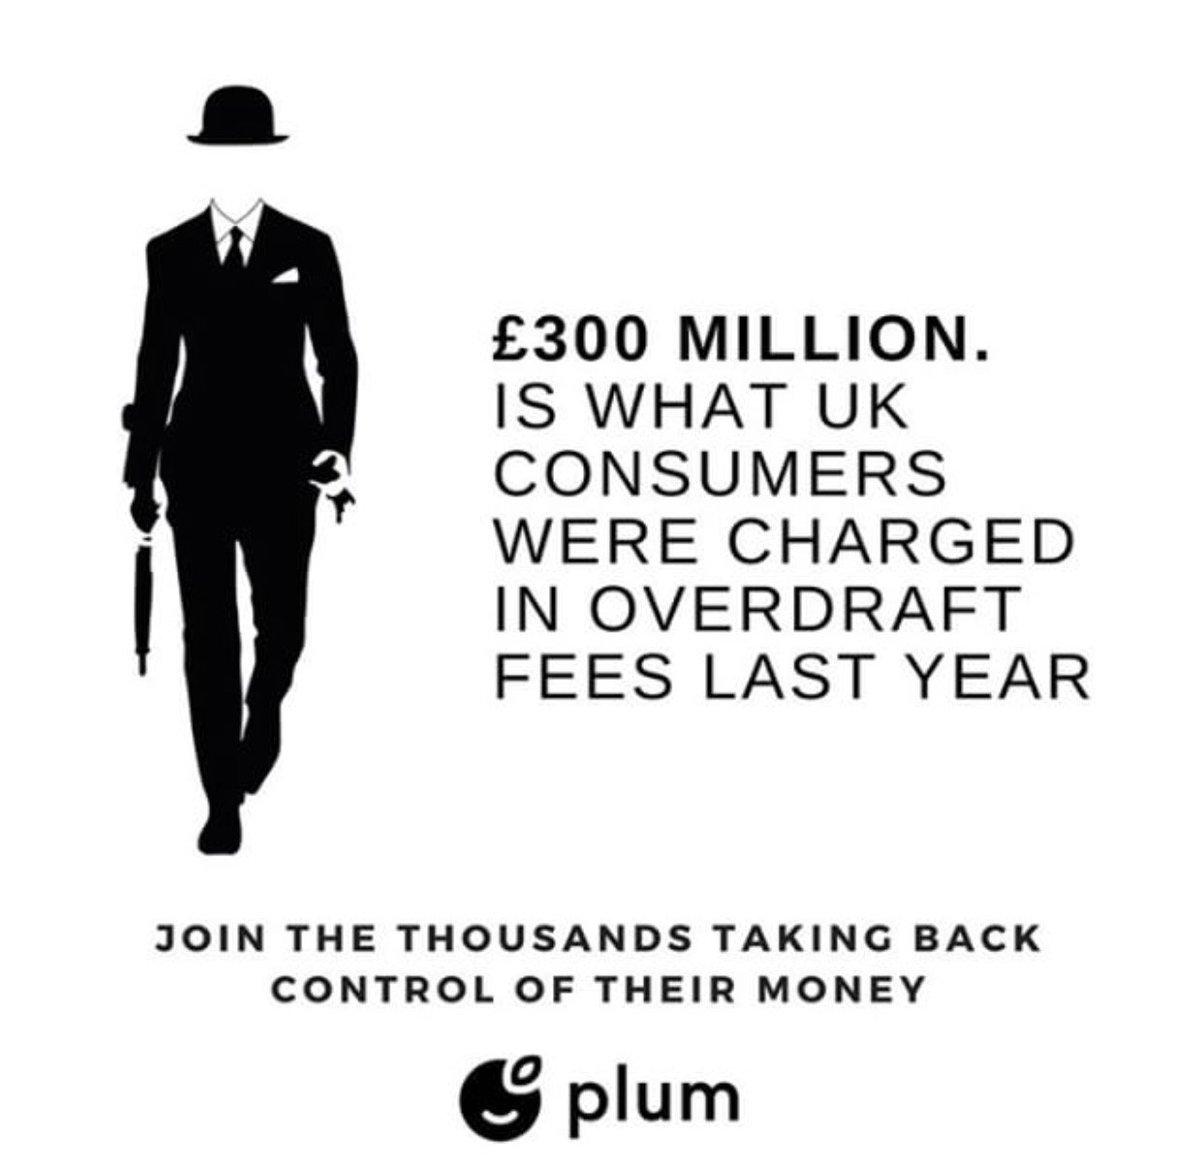 KU Money Movement on Twitter: